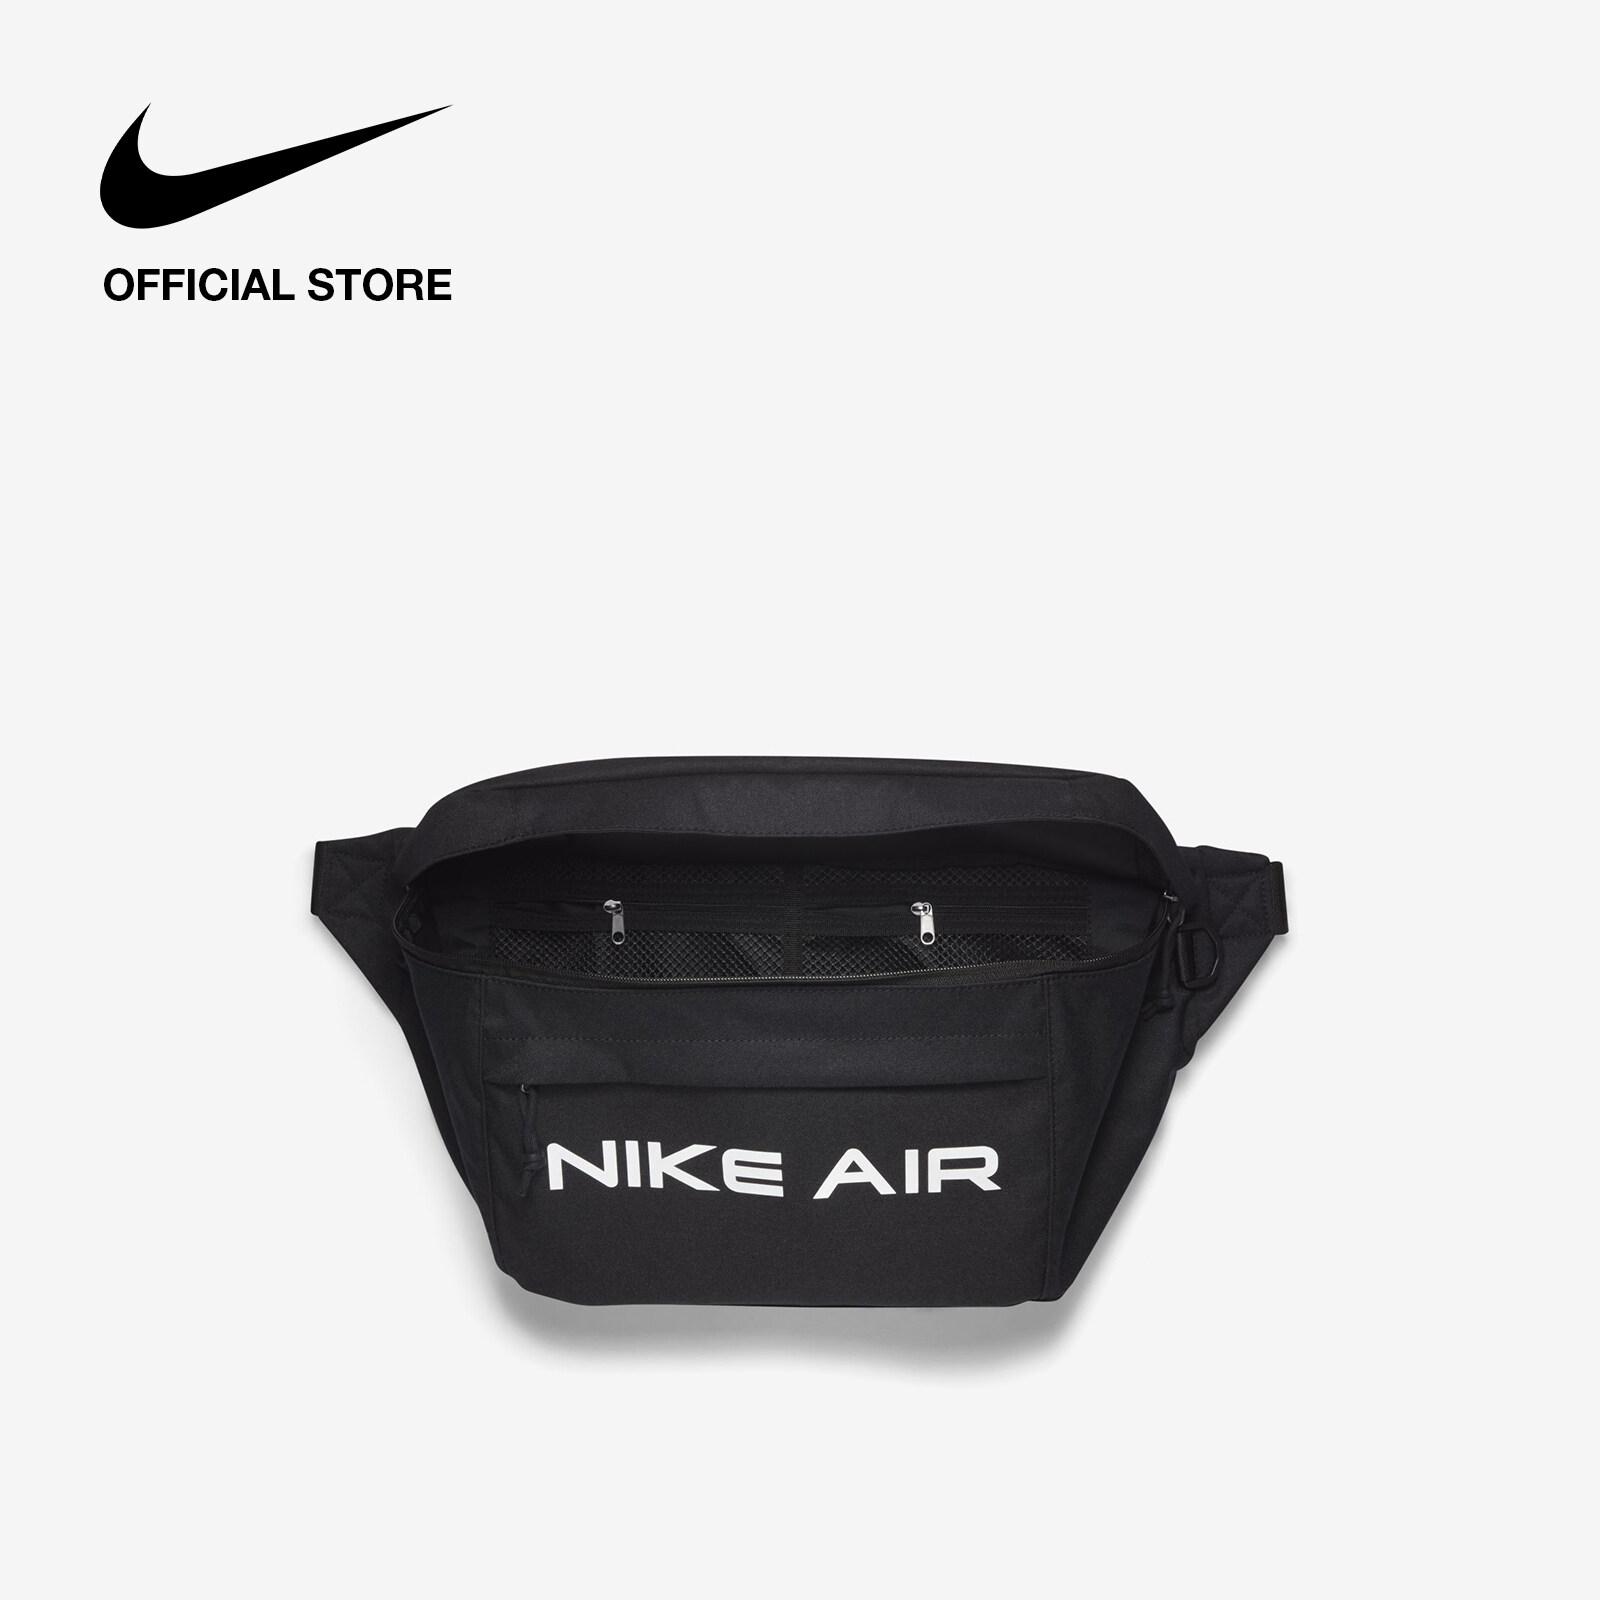 Nike Unisex Air Tech Hip Pack - Black ไนกี้ กระเป๋าคาดเอวยูนิเซ็กส์ แอร์ เทค - สีดำ